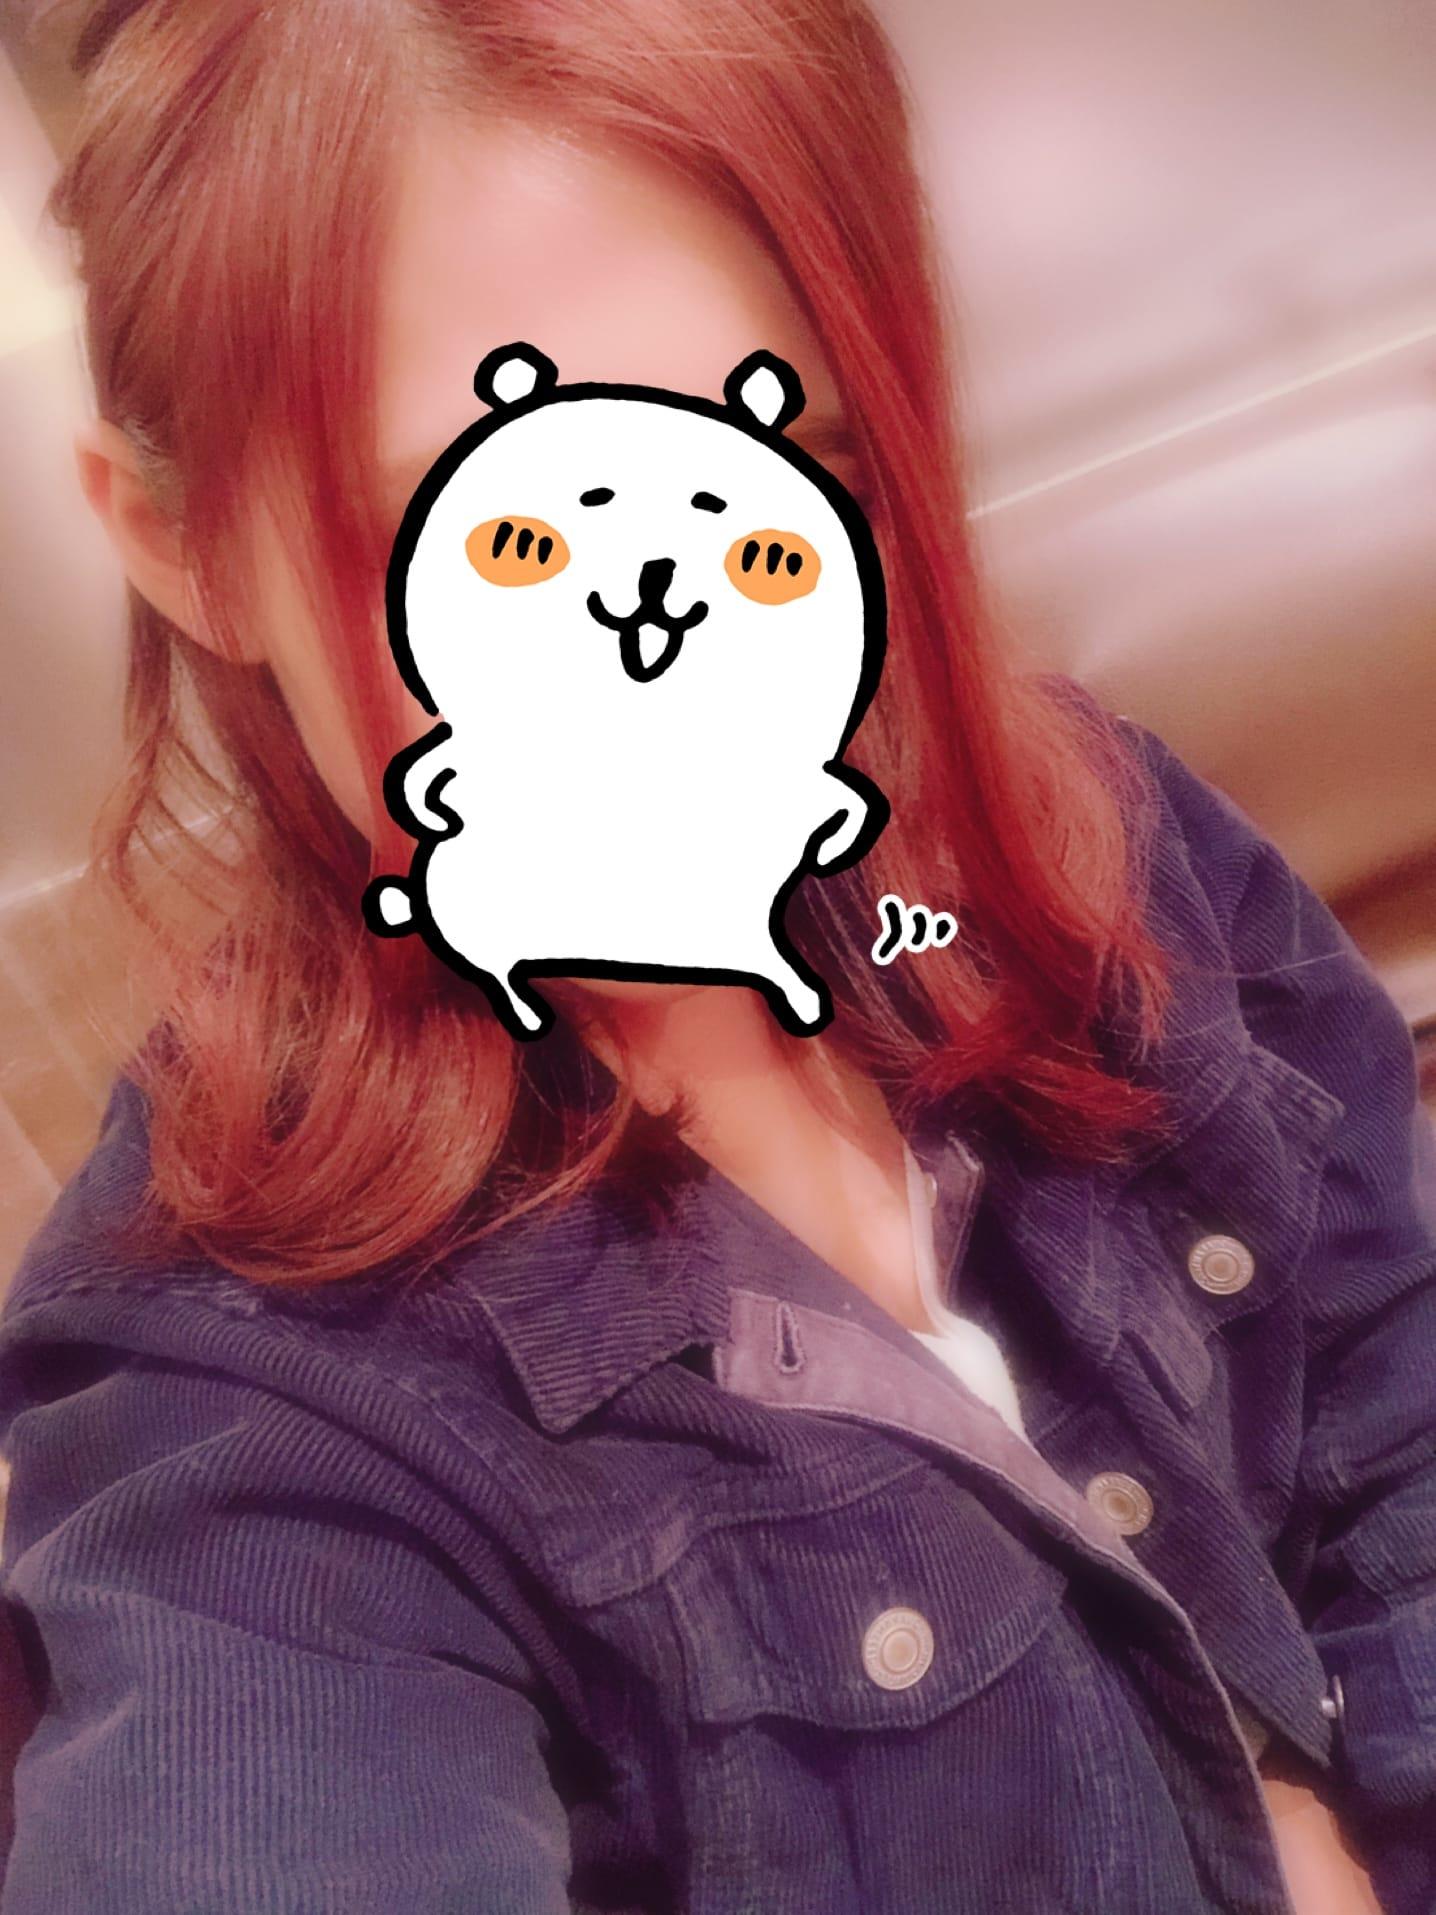 「二ノ宮はるかです」03/09(03/09) 01:03 | 二ノ宮 はるか☆☆☆の写メ・風俗動画